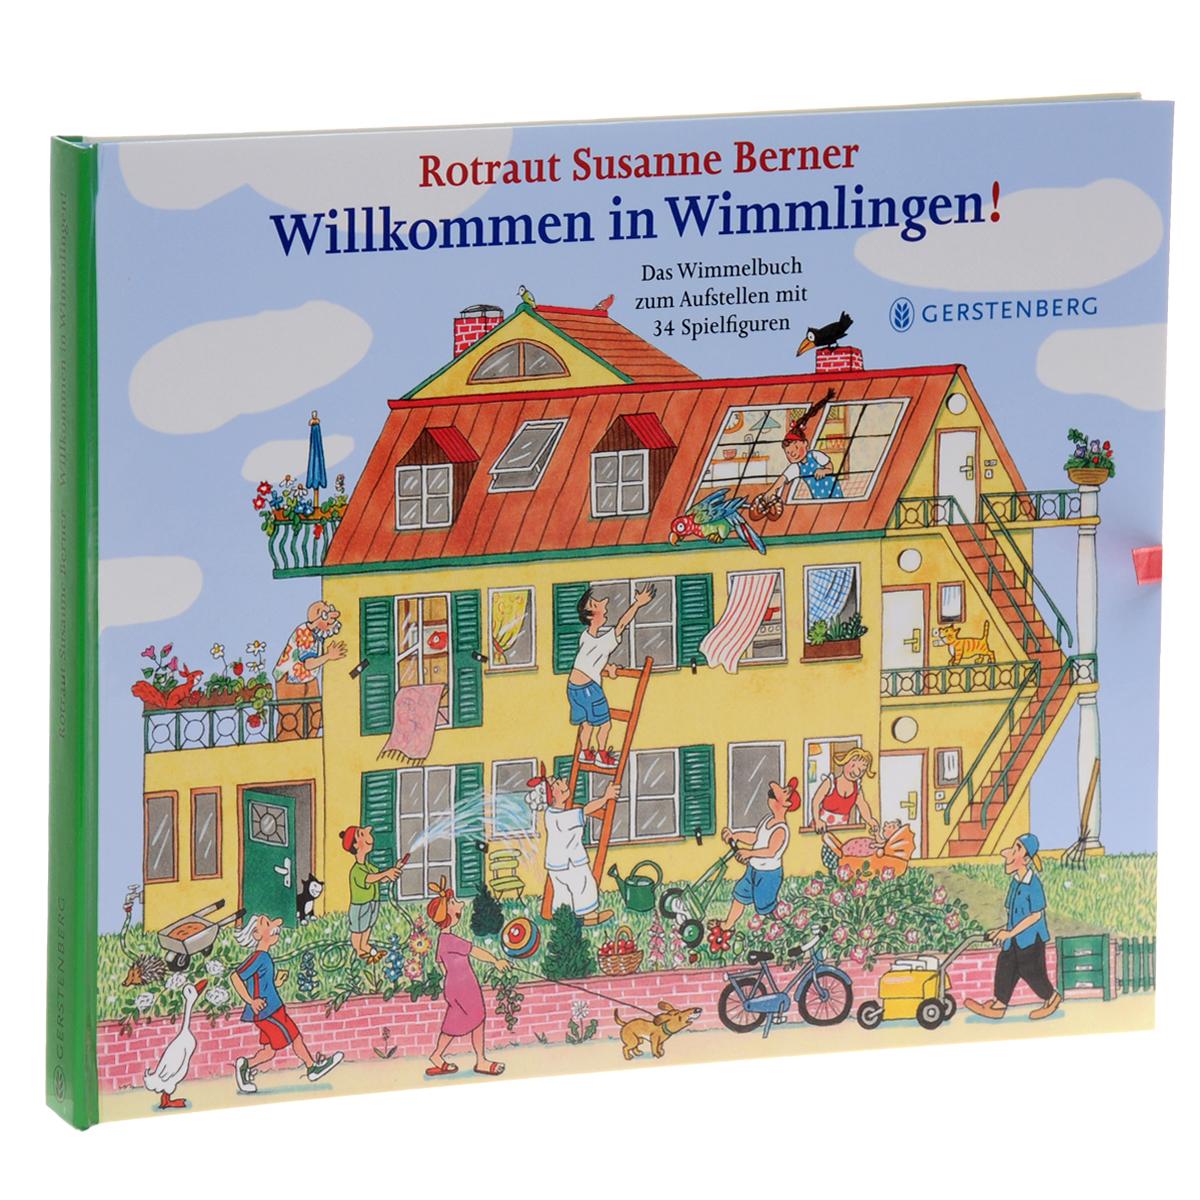 Willkommen in Wimmlingen: Das Wimmelbuch zum Aufsteen mit 34 Spielfiguren романова м угадай кто жужжит